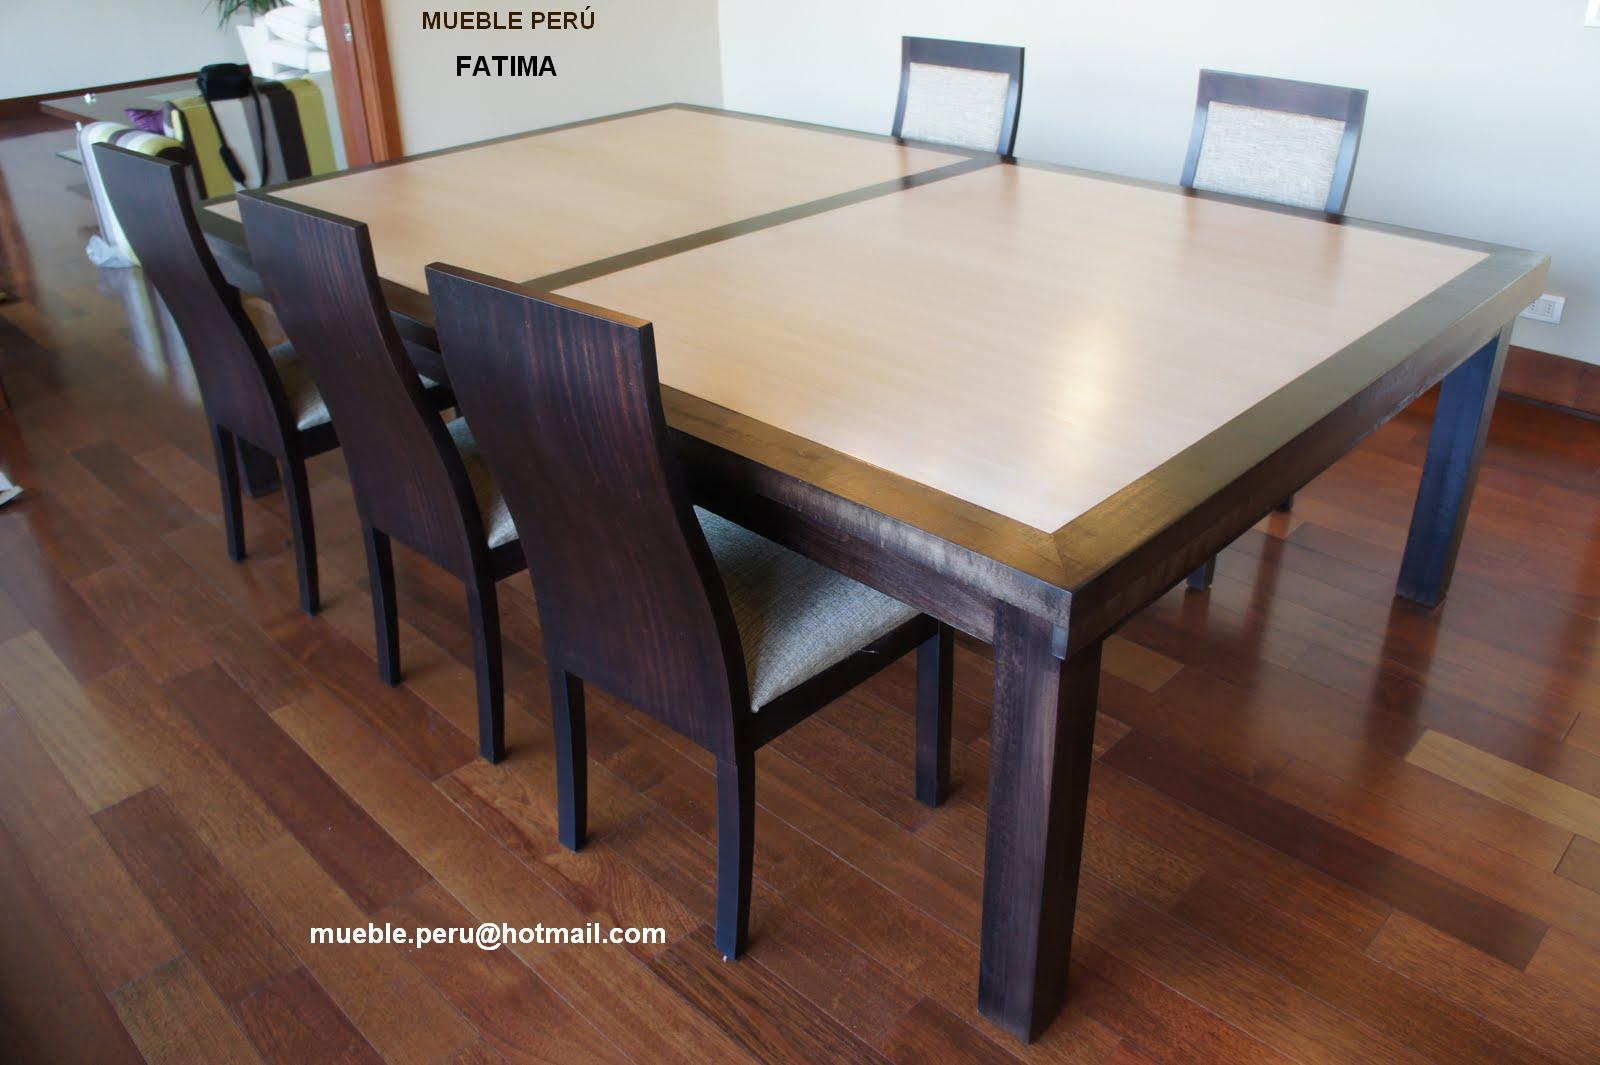 Comedores muebles per comedores elegantes for Fabrica de comedores